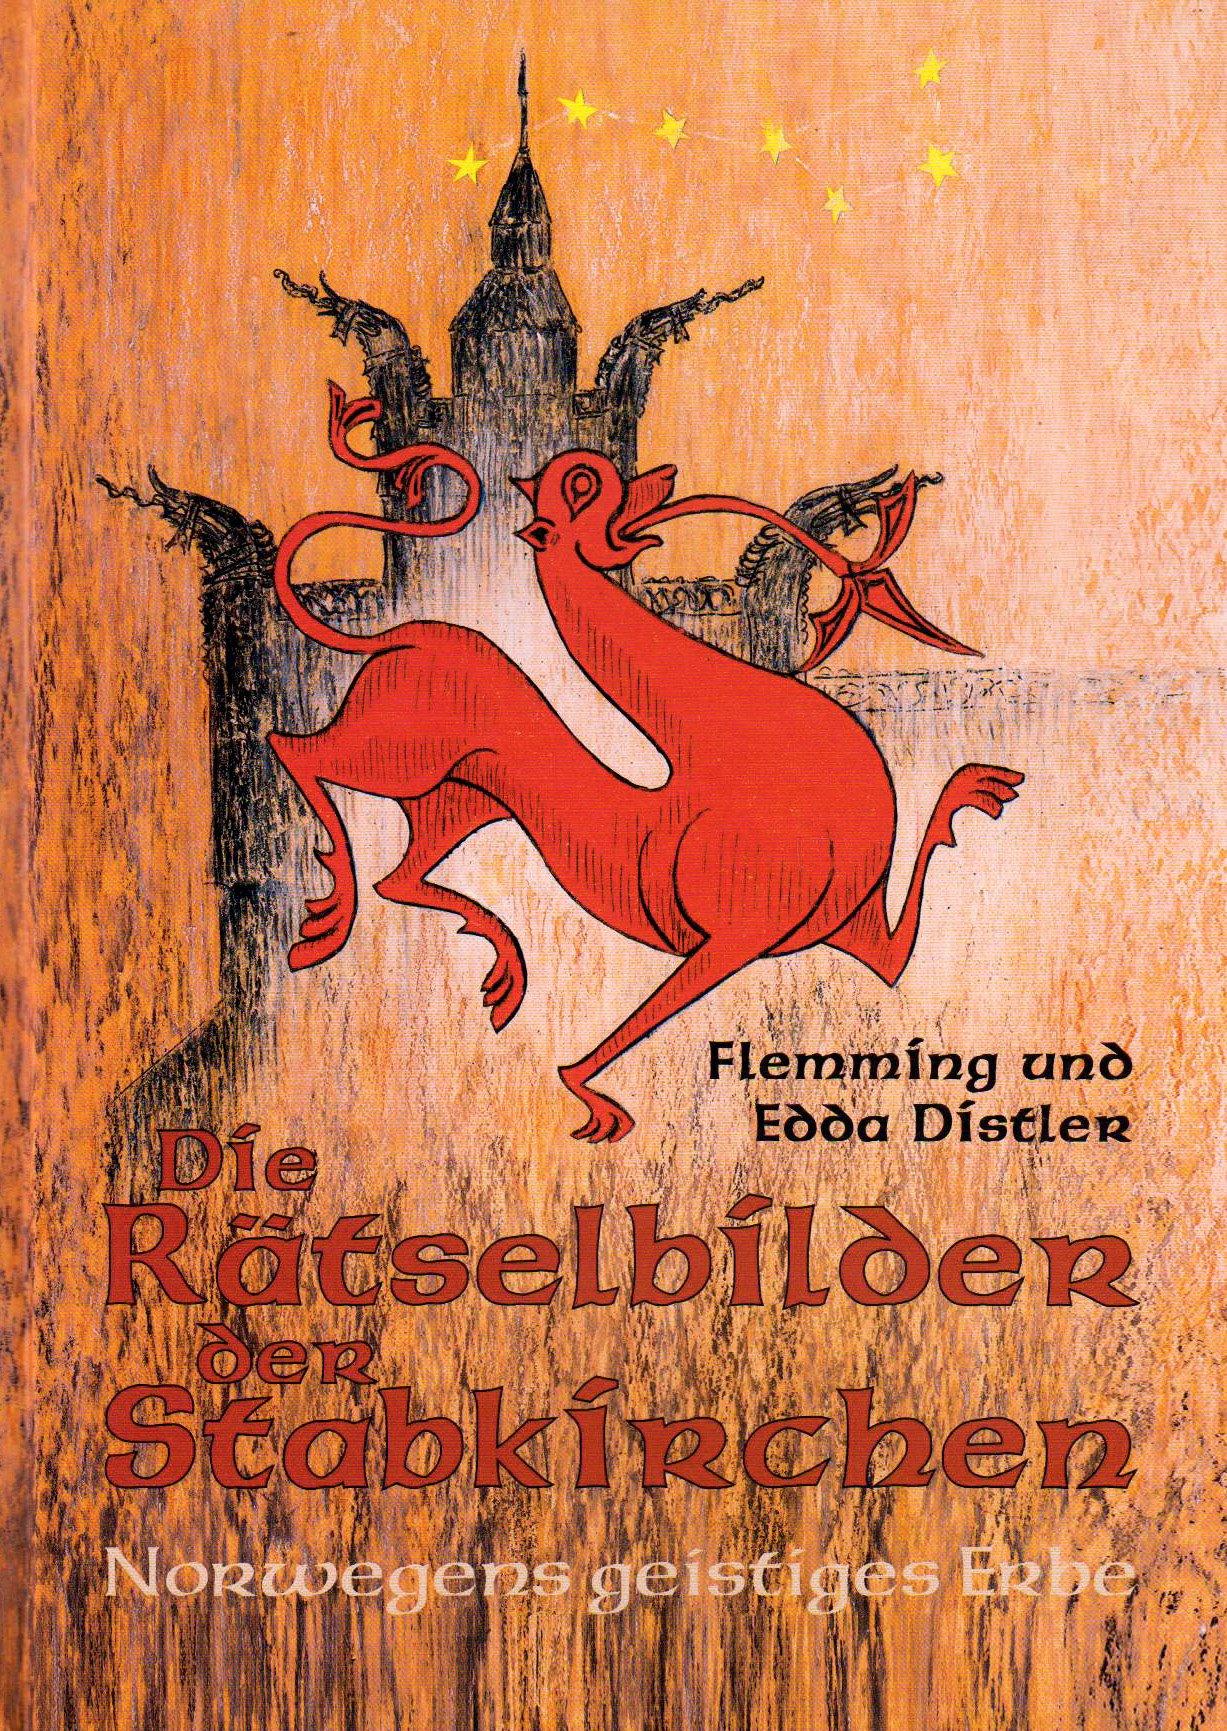 Die Rätselbilder der Stabkirchen: Norwegens geistiges Erbe